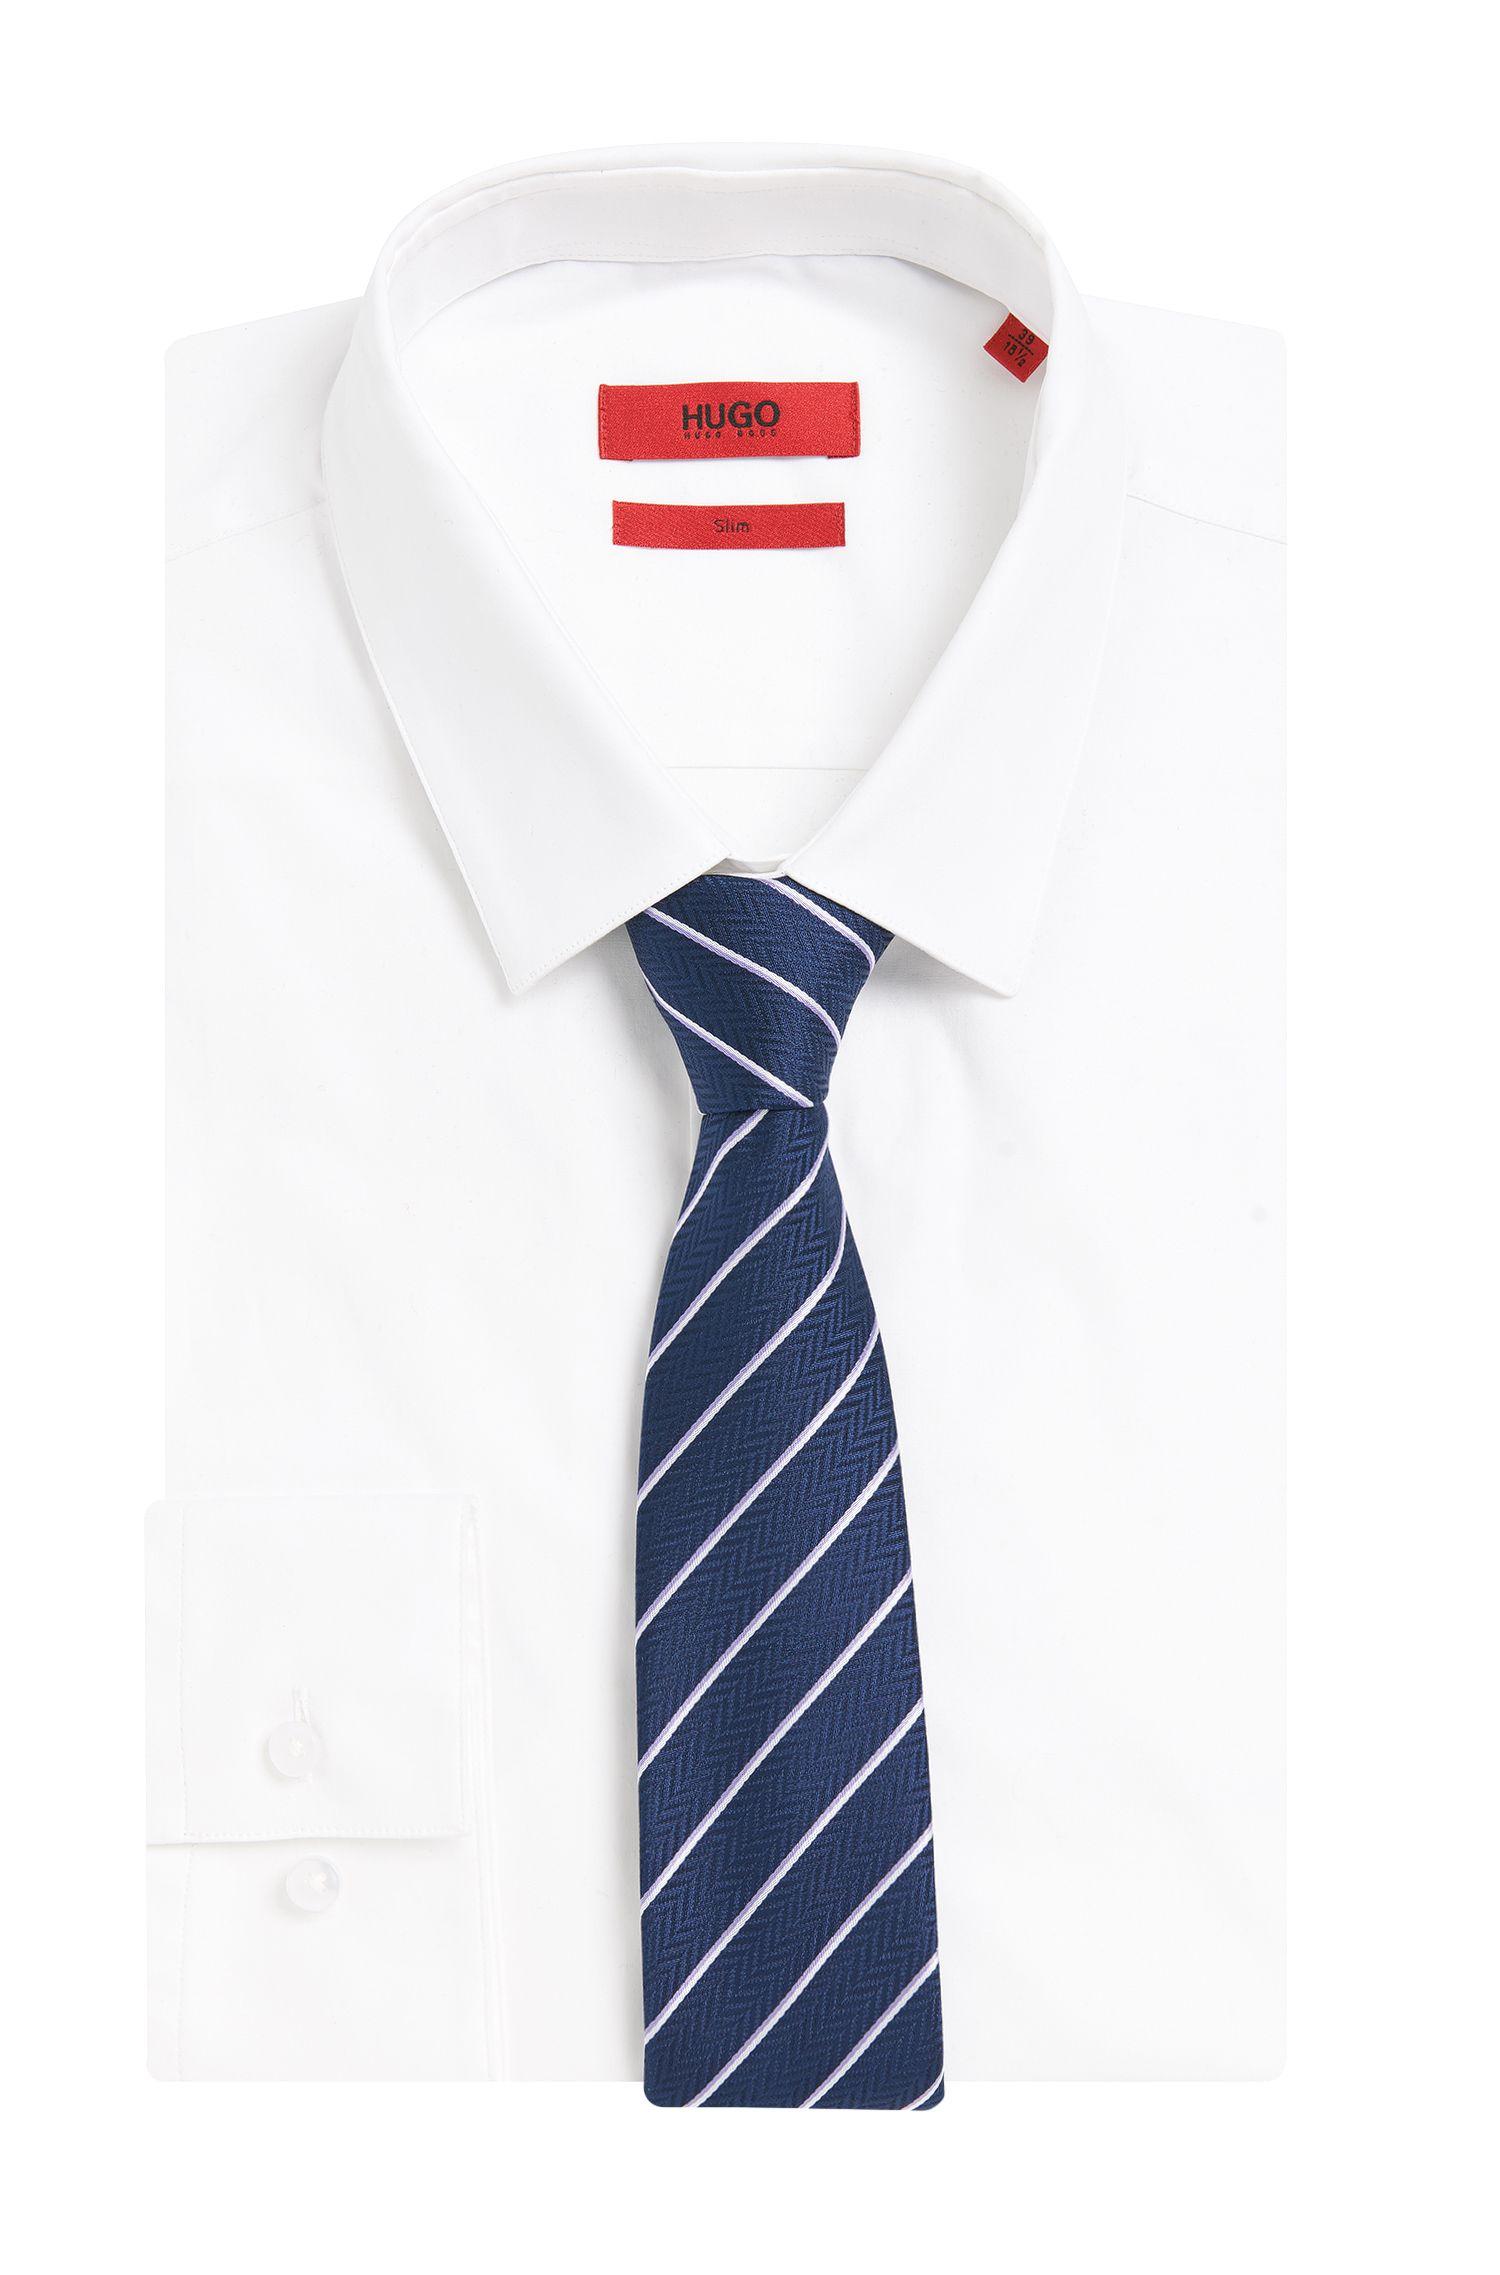 Gestreifte Krawatte aus strukturierter Seide: 'Tie cm 6'